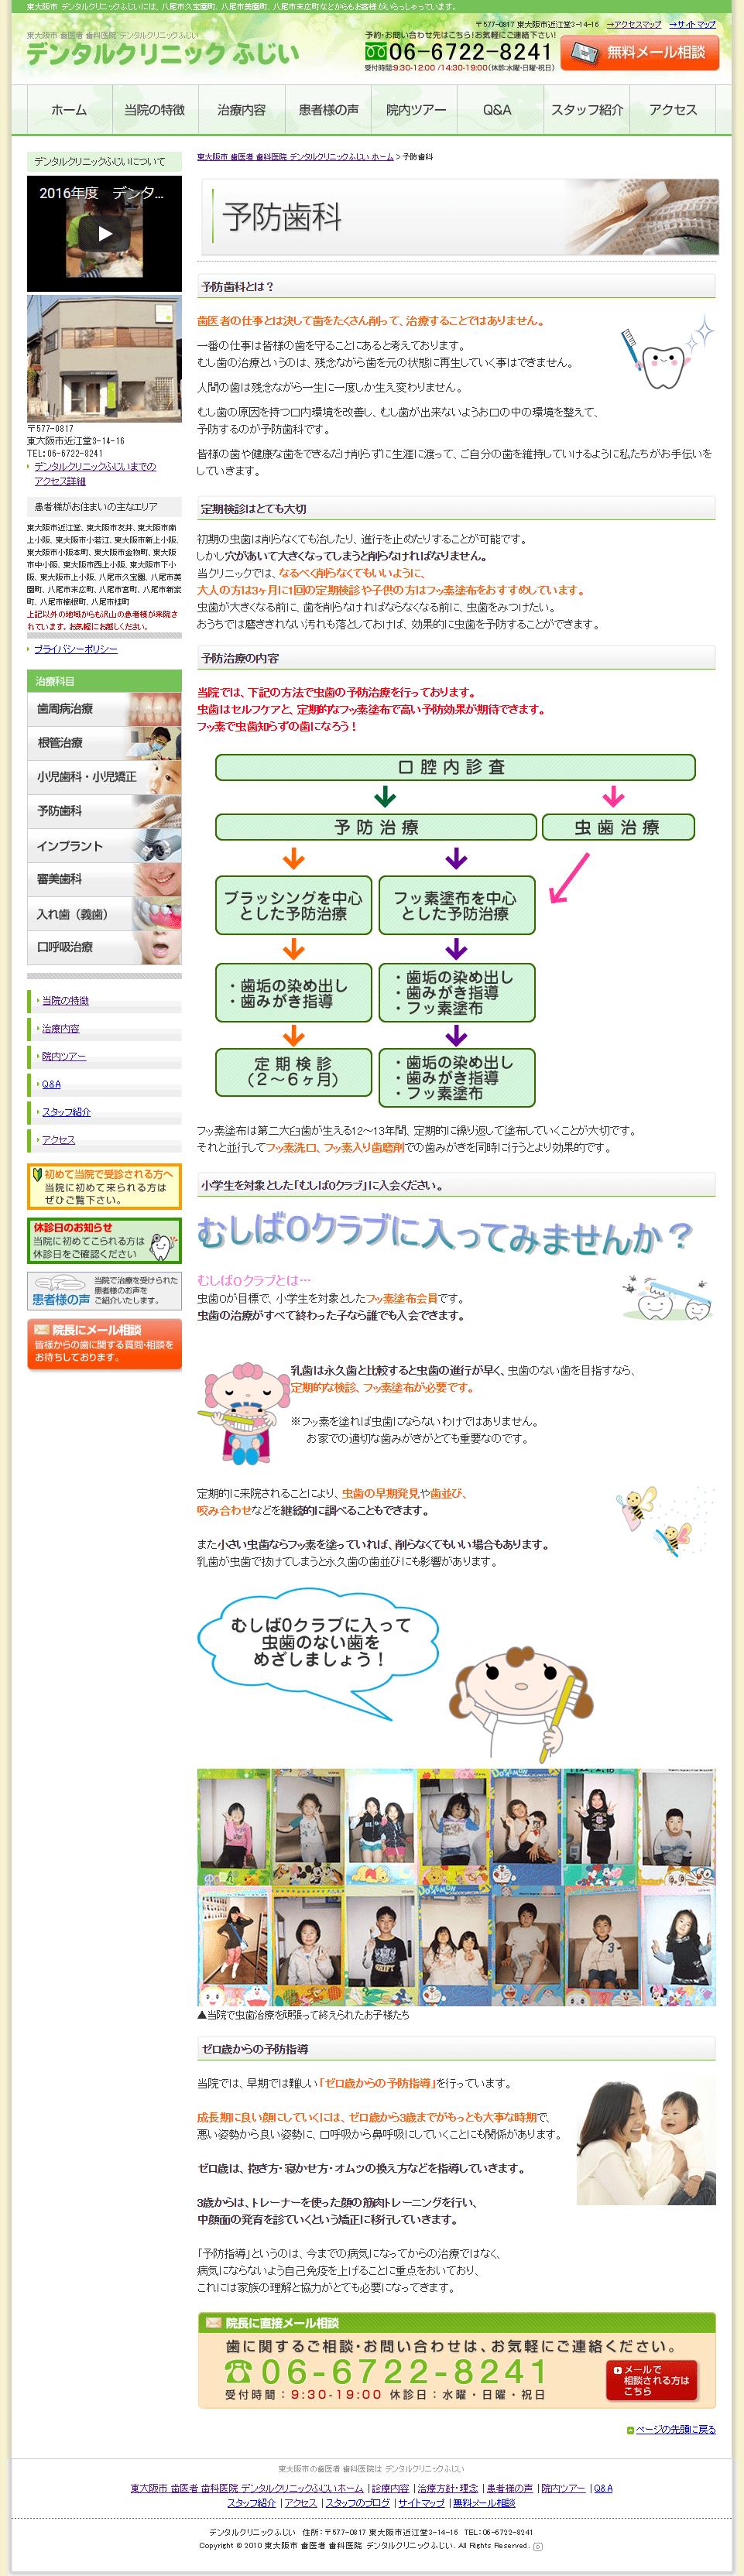 東大阪市 デンタルクリニックふじい様 ホームページ制作2